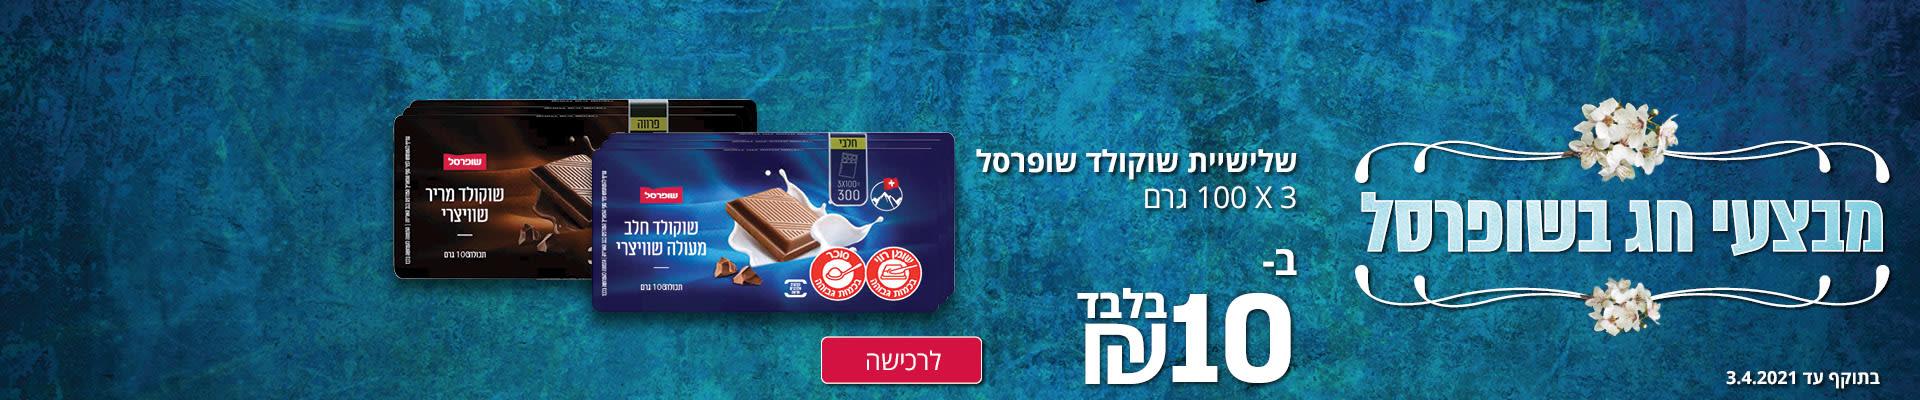 מבצעי חג בשופרסל שלישיית שוקולד שופרסל 3X100 גרם ב- 10 ₪ בלבד לרכישה בתוקף עד 3.4.2021